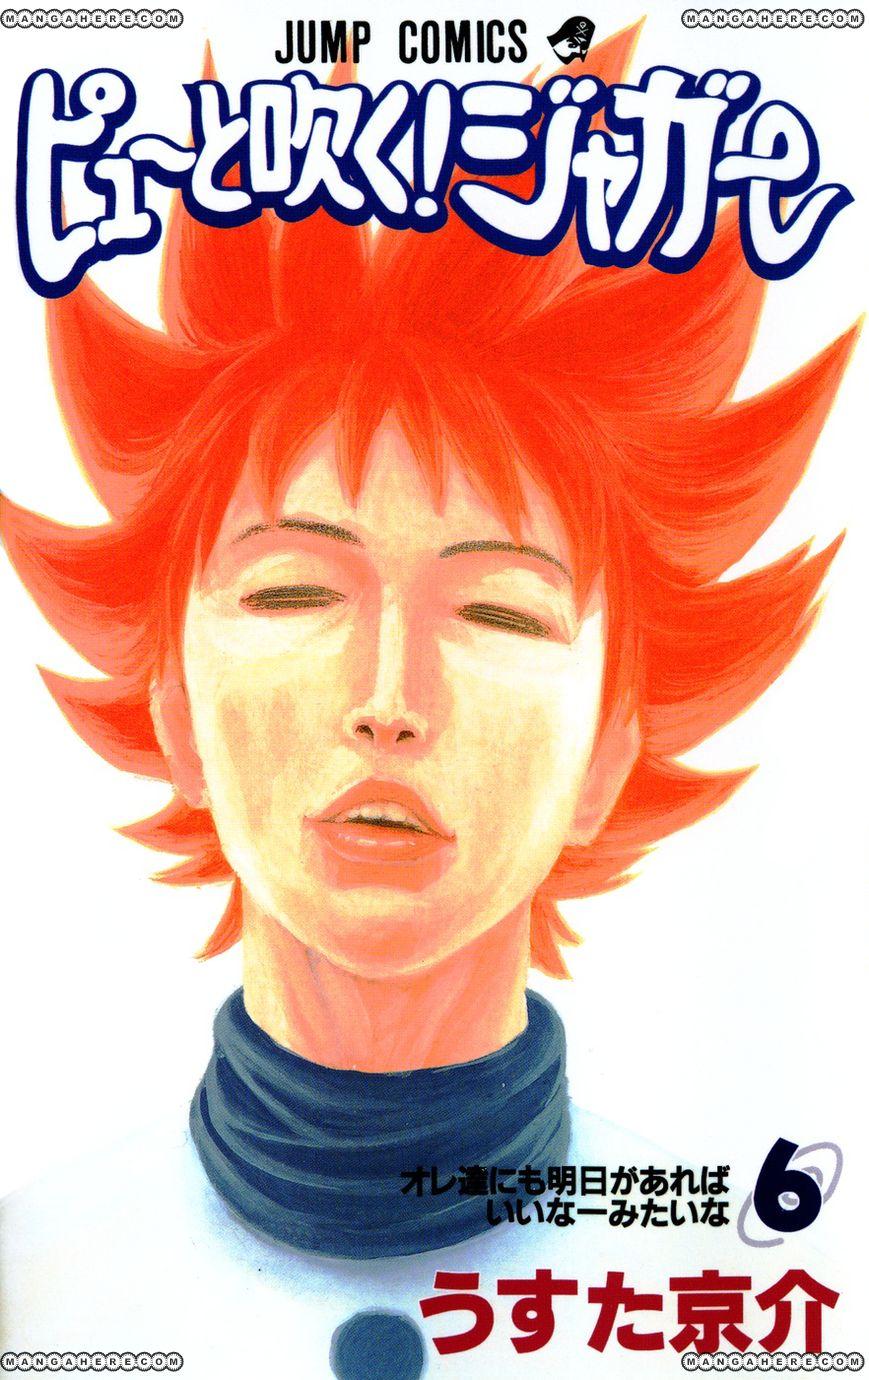 Pyu to Fuku! Jaguar 106 Page 1